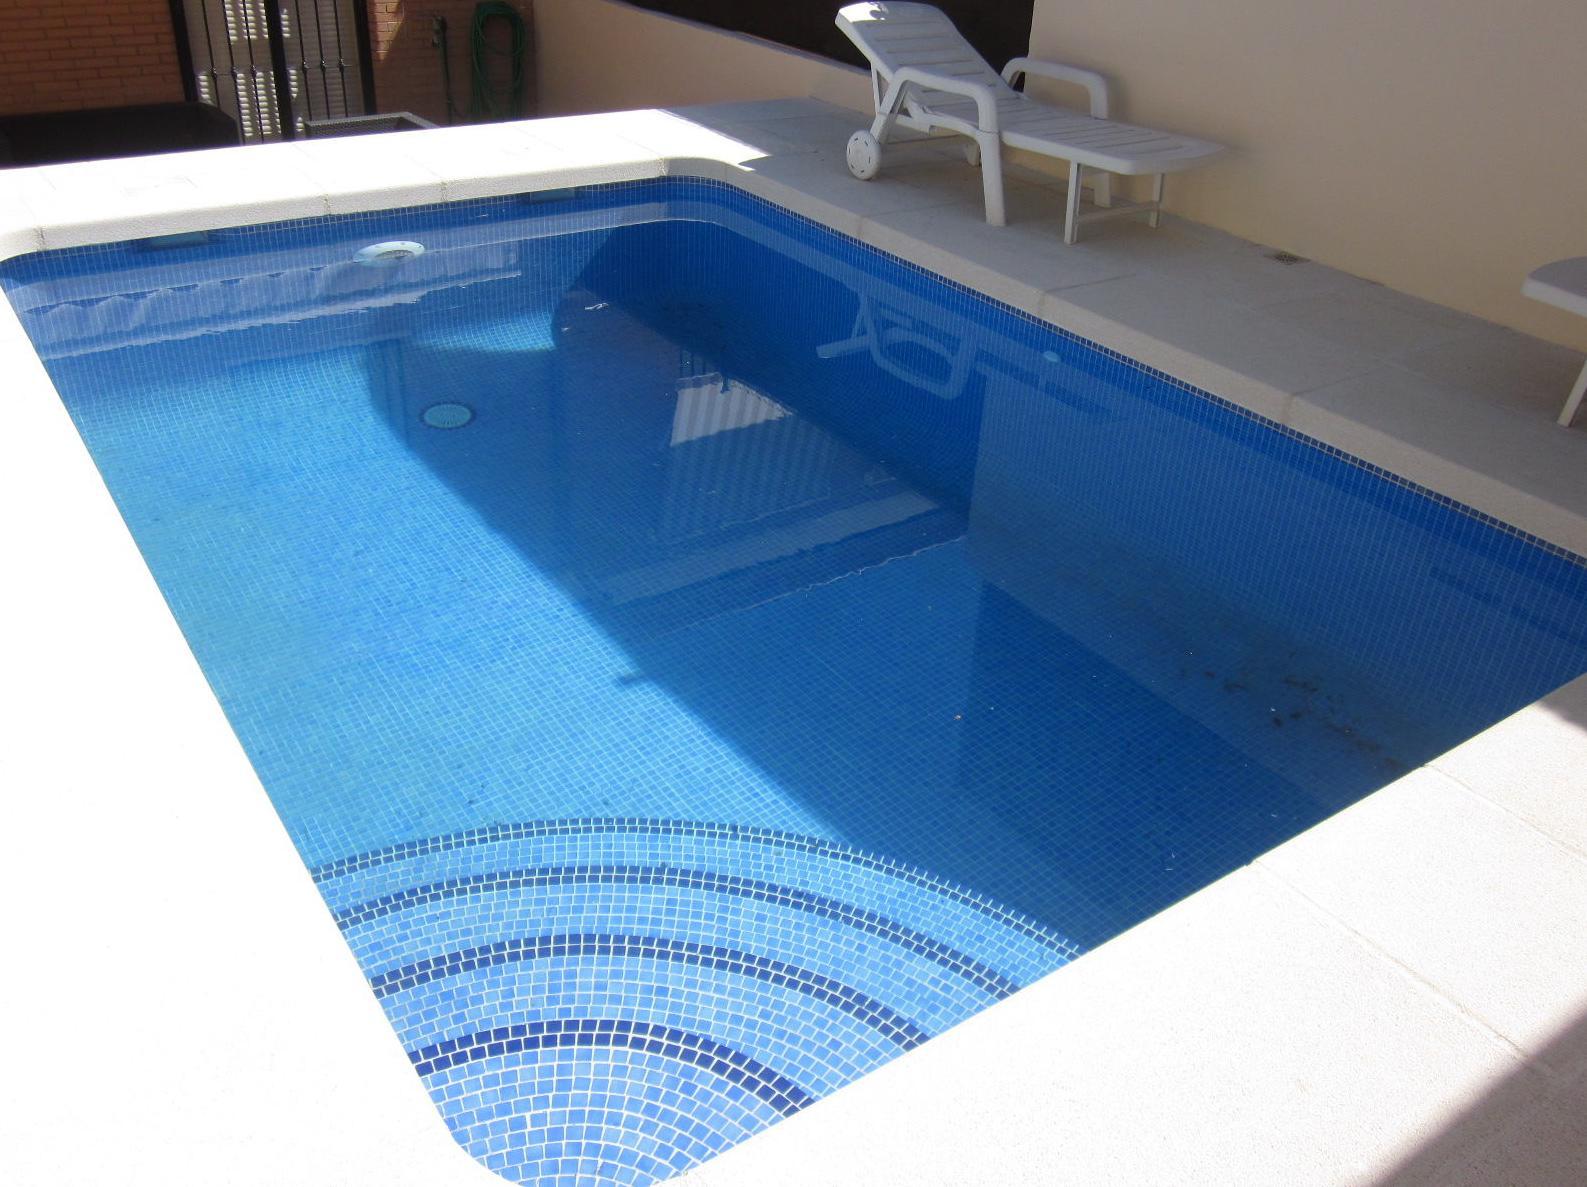 Foto 6 de piscinas instalaci n y mantenimiento en san sebasti n de los reyes ardigral - Coste mantenimiento piscina ...